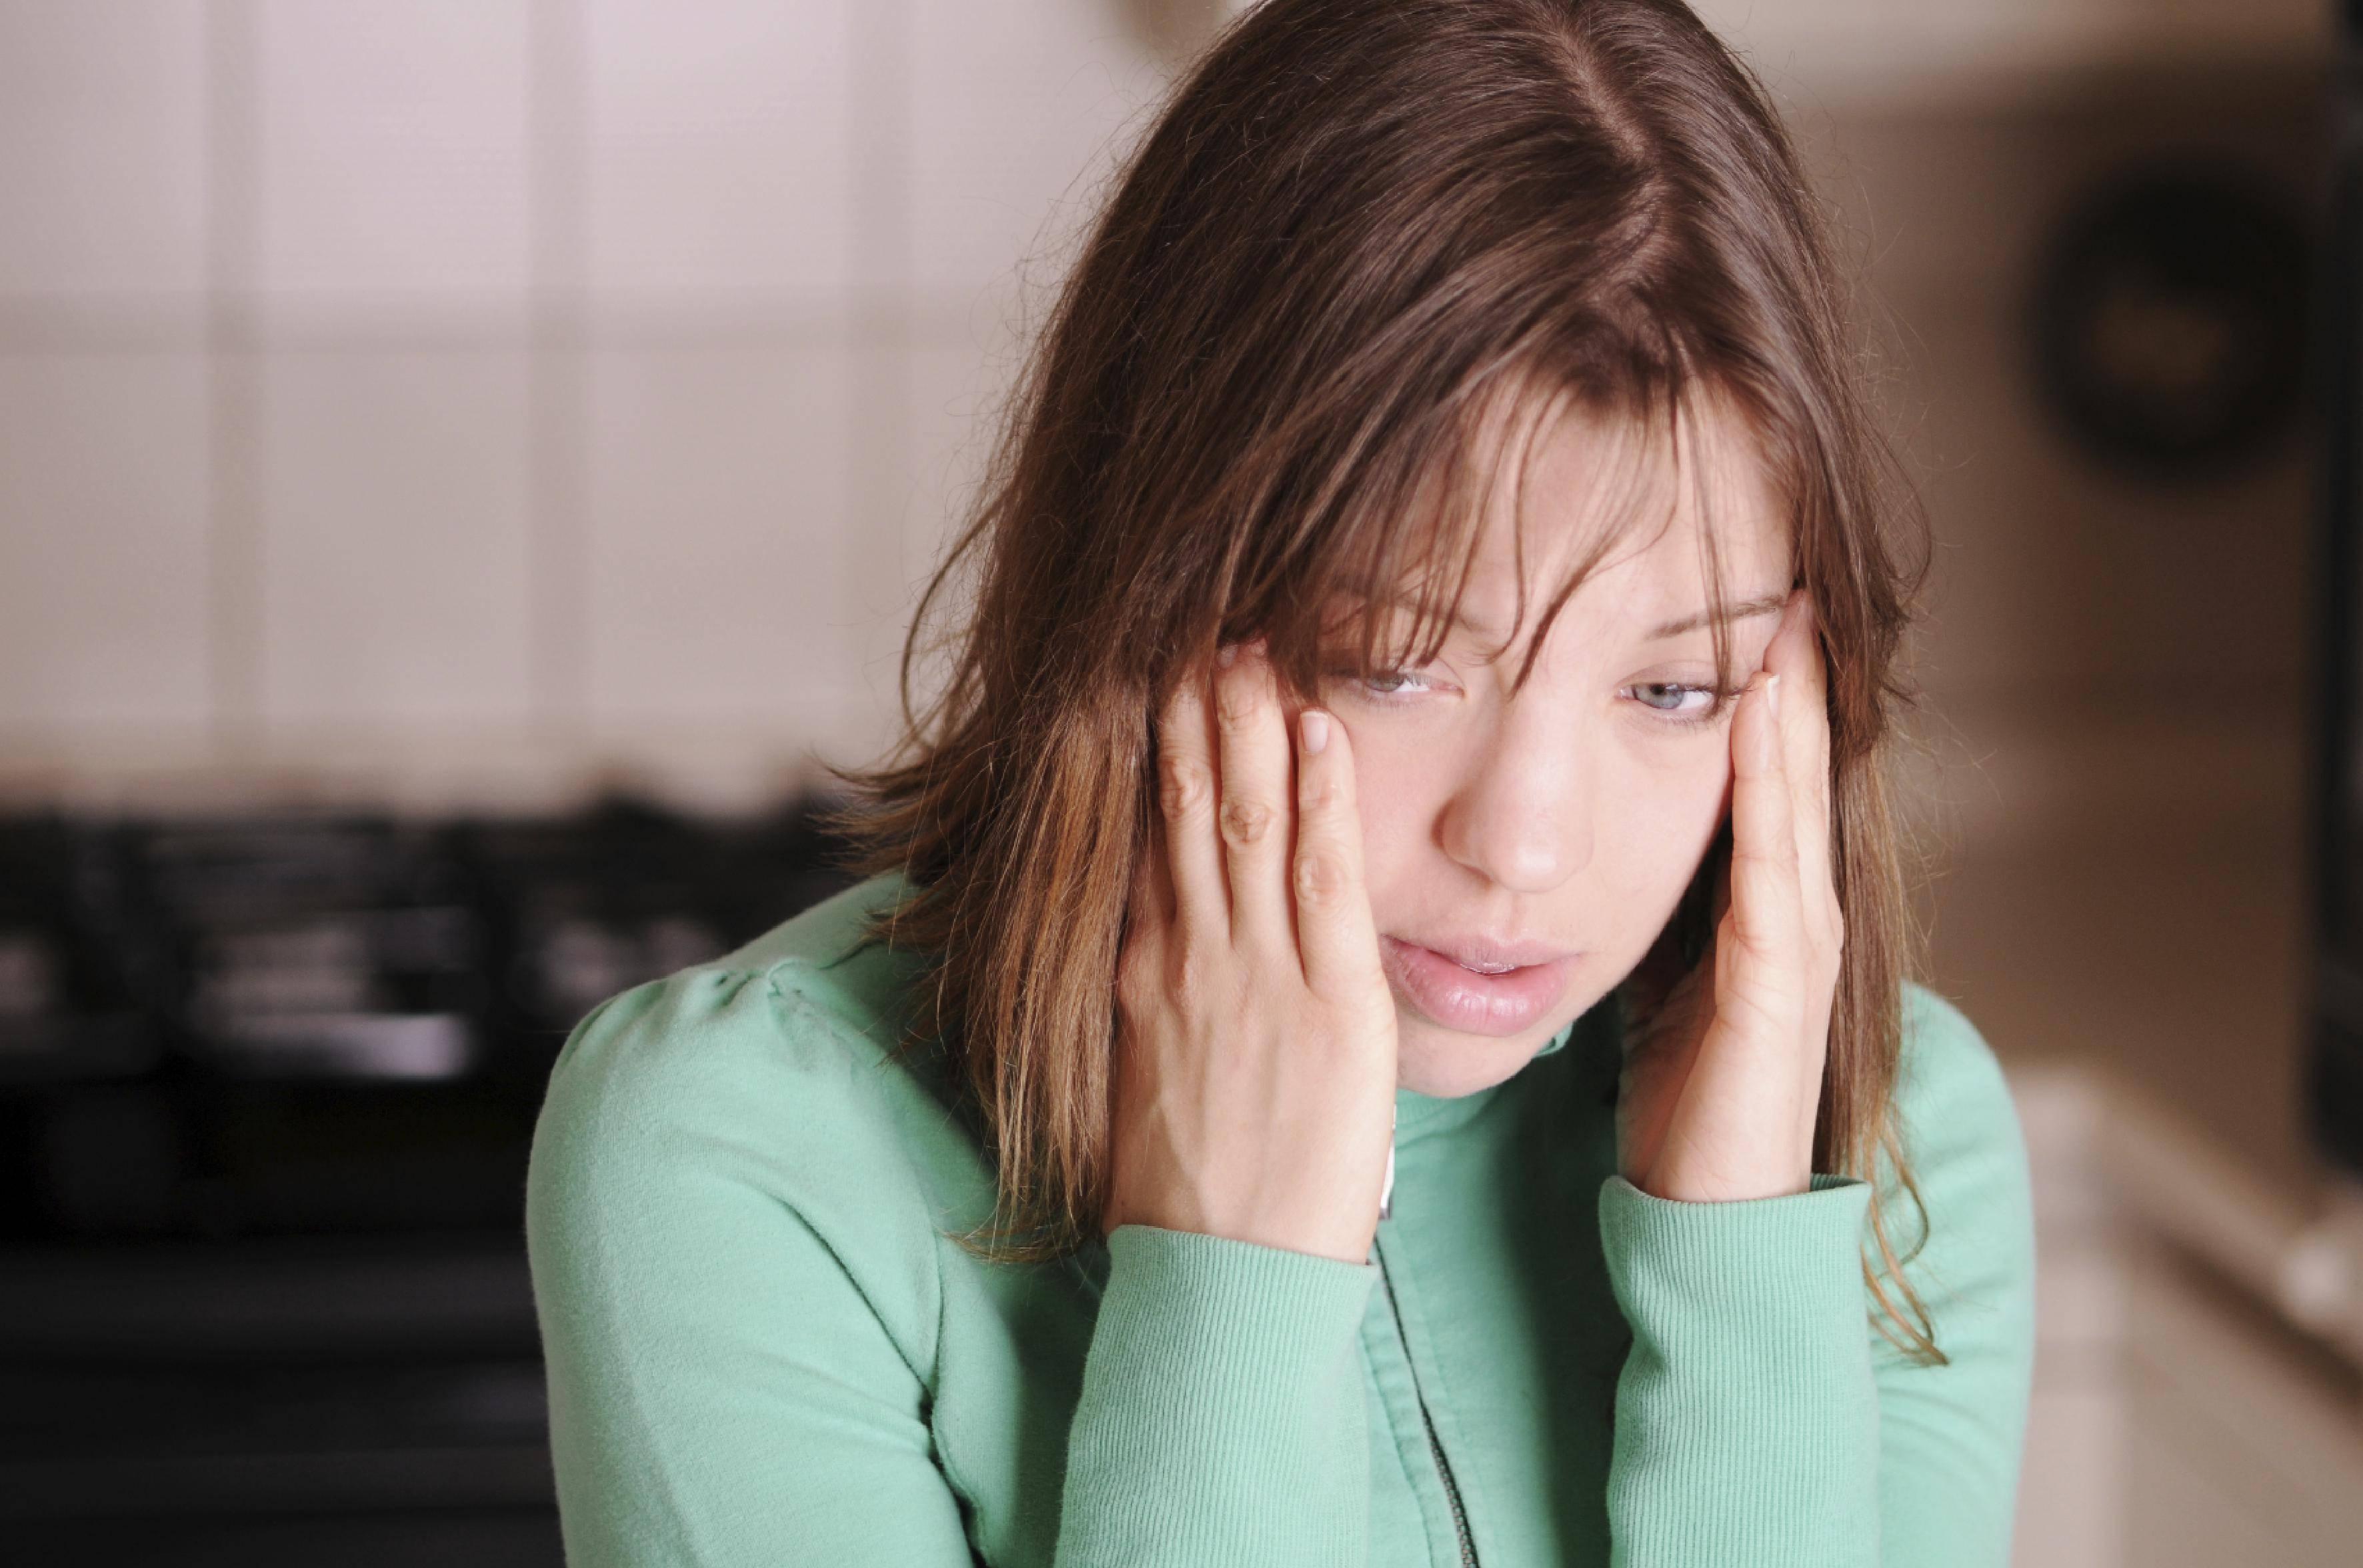 Генерализованное тревожное расстройство — что это такое